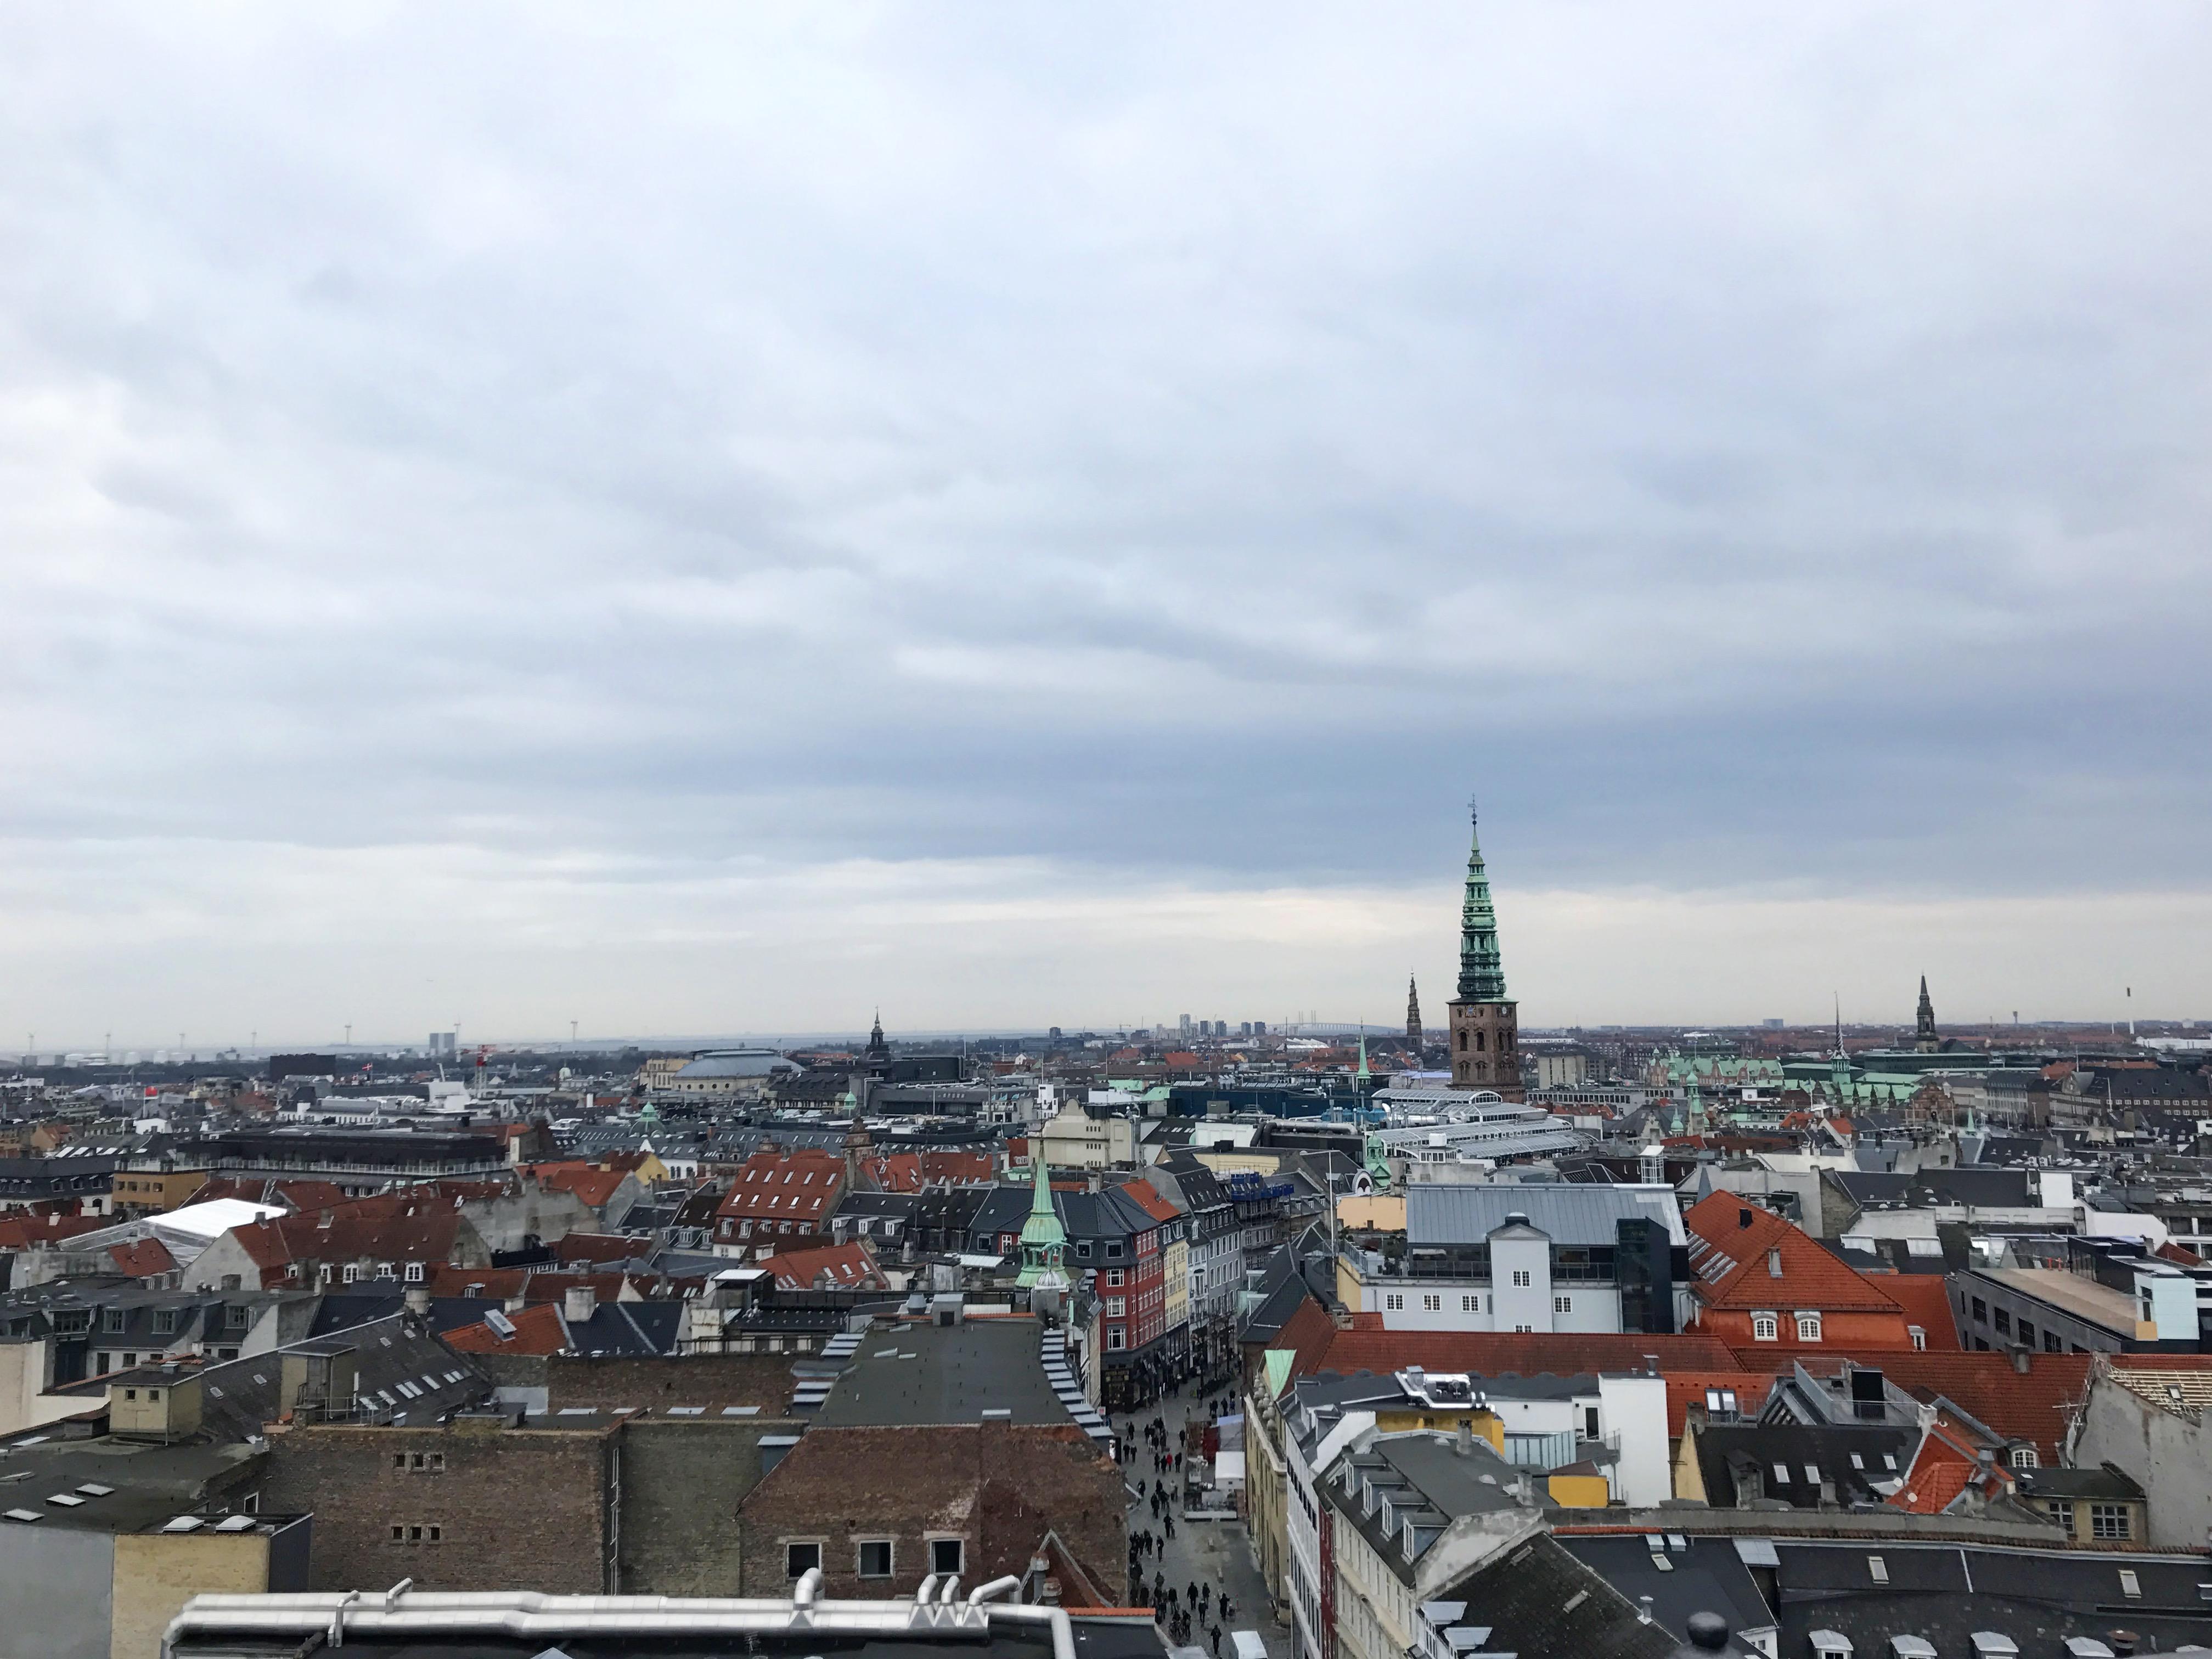 Three nights in Copenhagen: Day Four